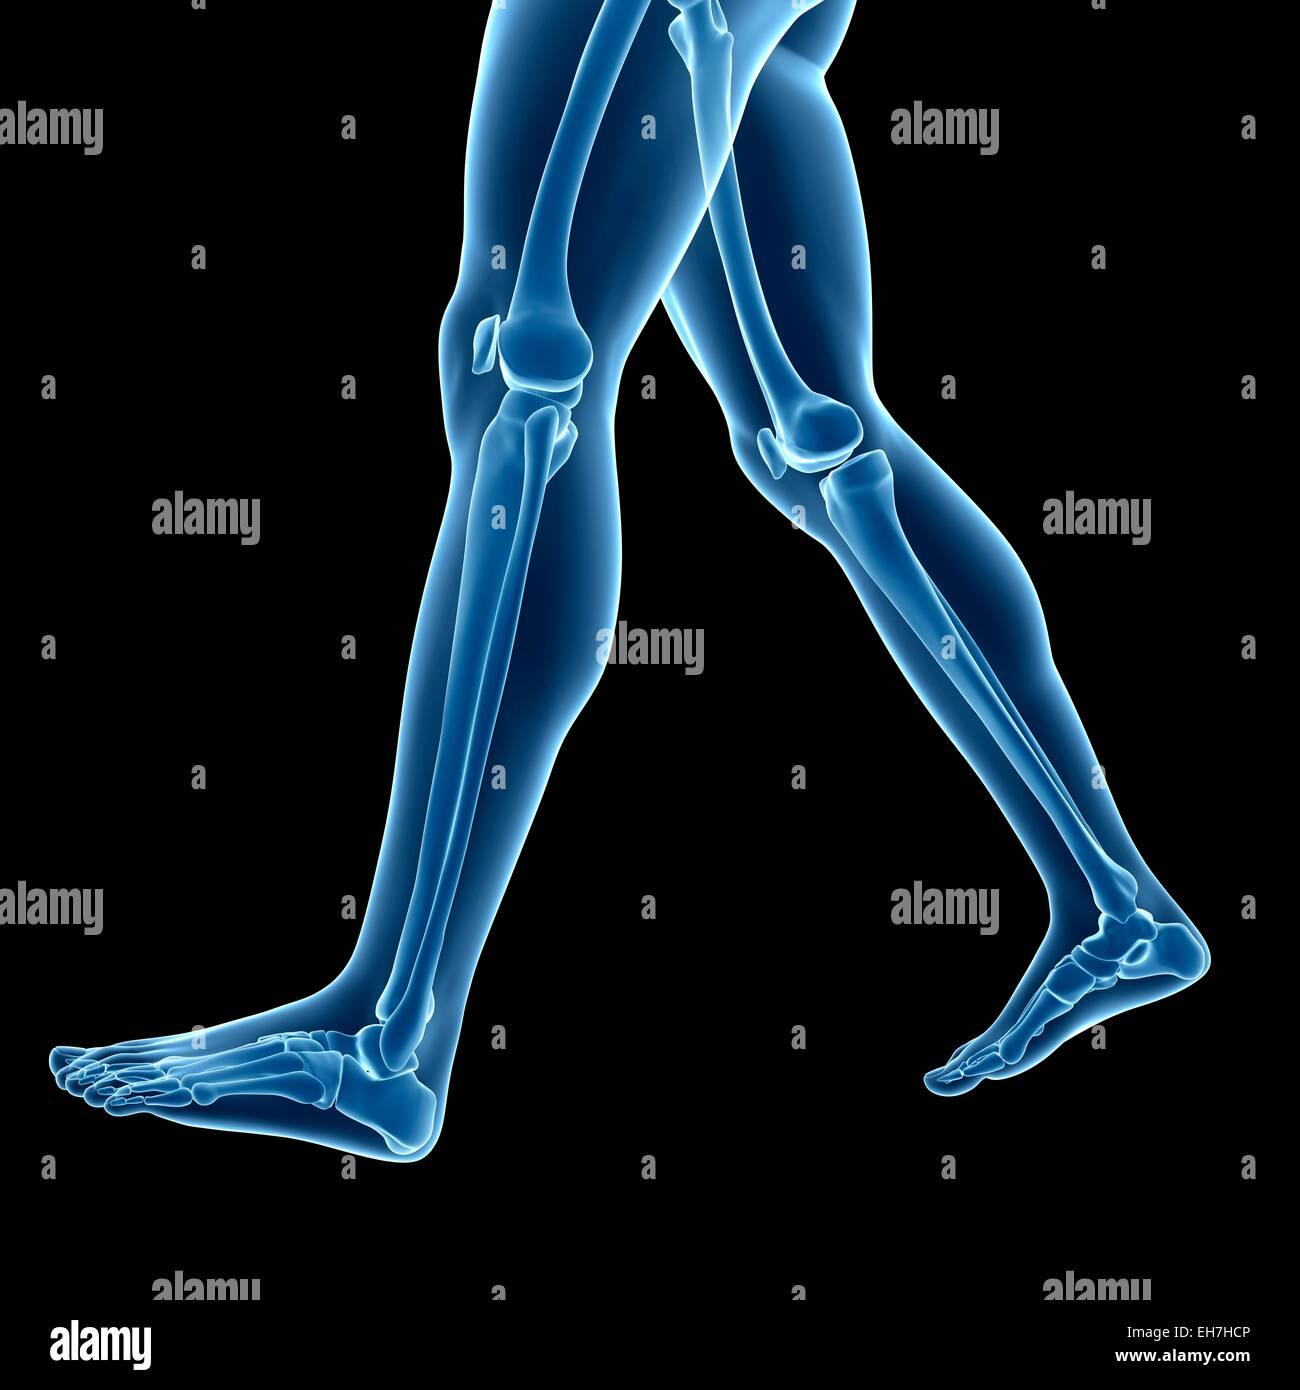 Menschliches Beinknochen, Abbildung Stockfoto, Bild: 79457974 - Alamy